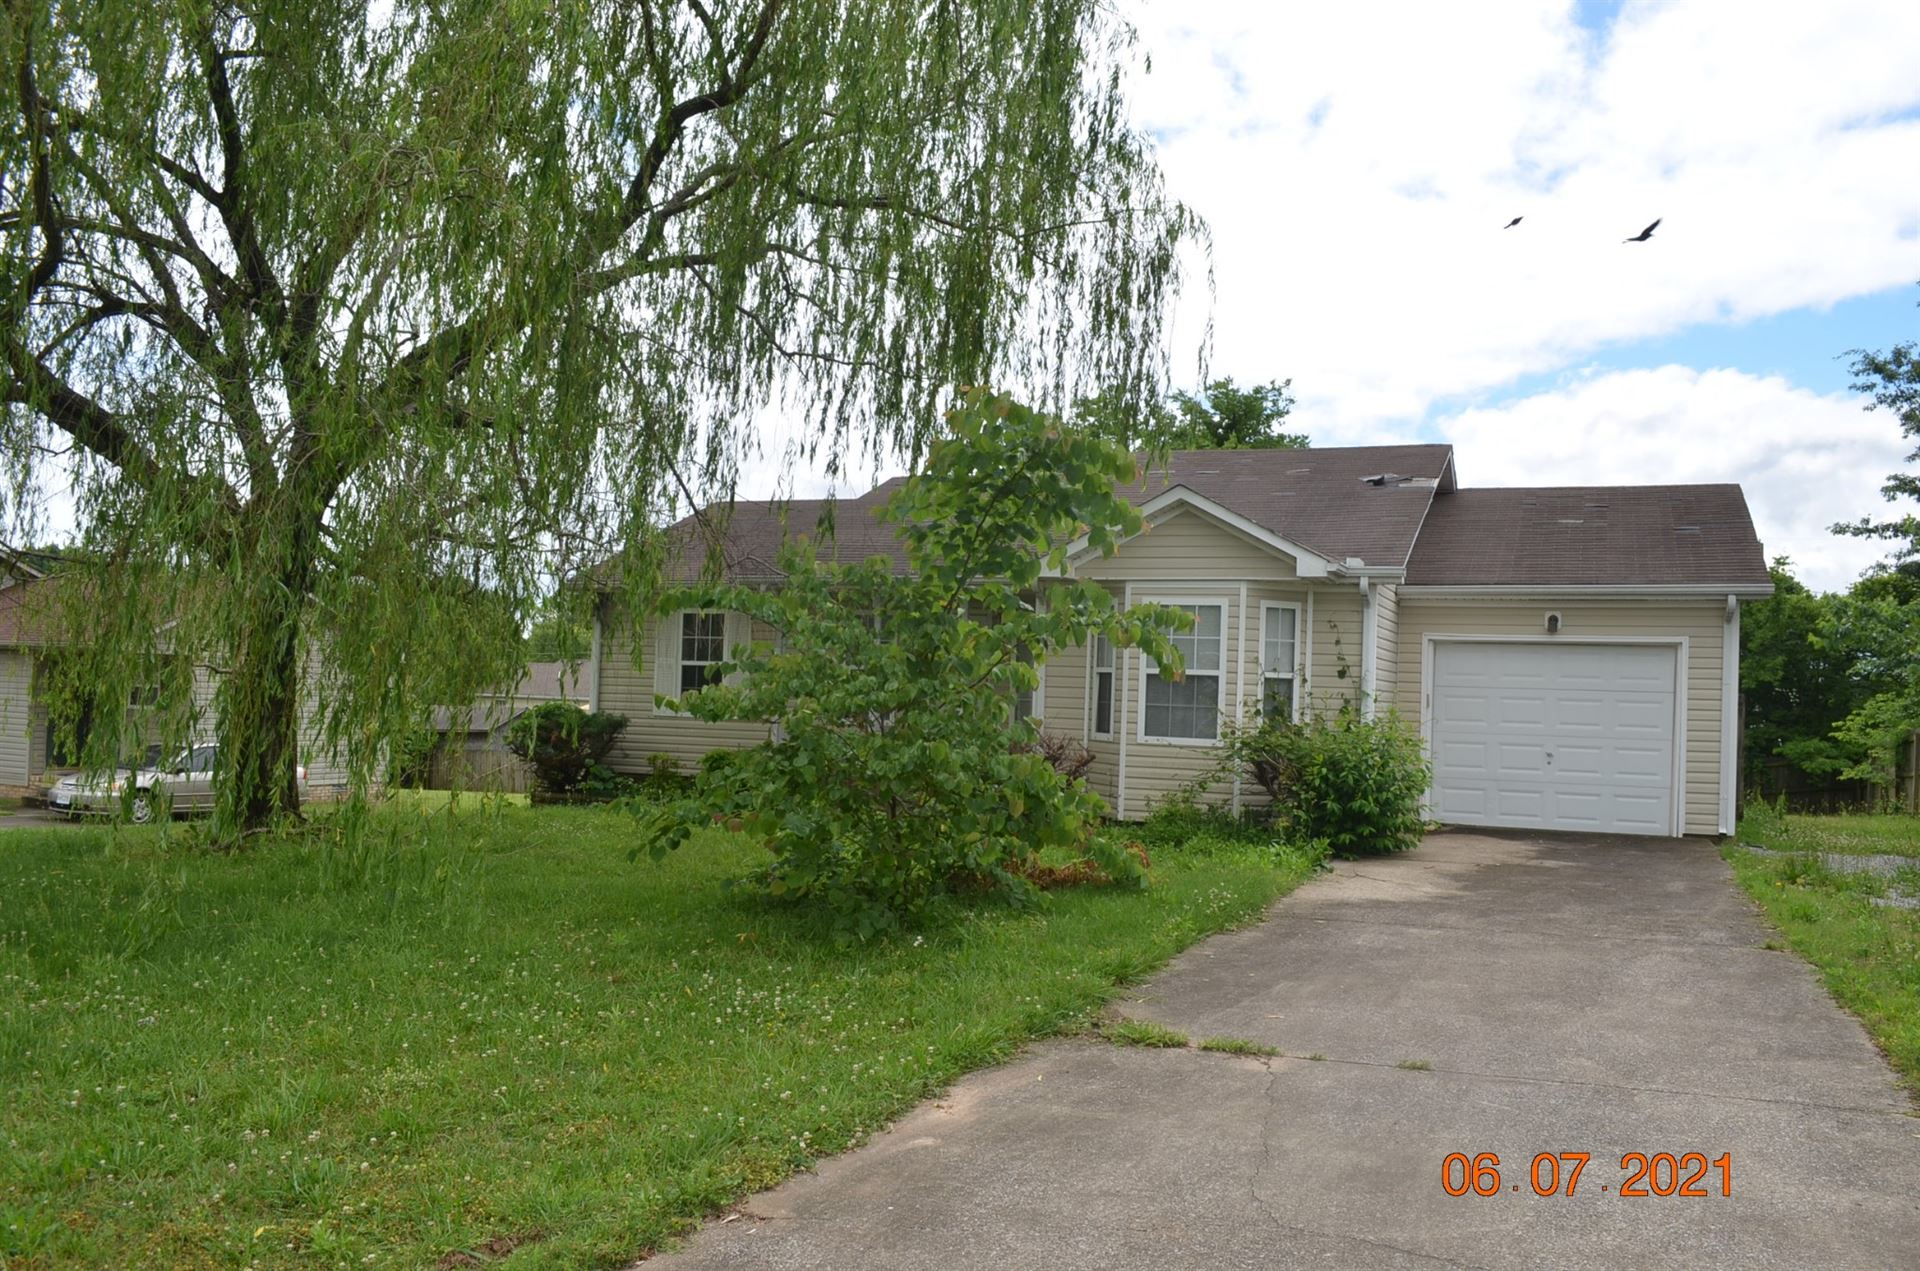 952 Van Buren Ave, Oak Grove, KY 42262 - MLS#: 2261967